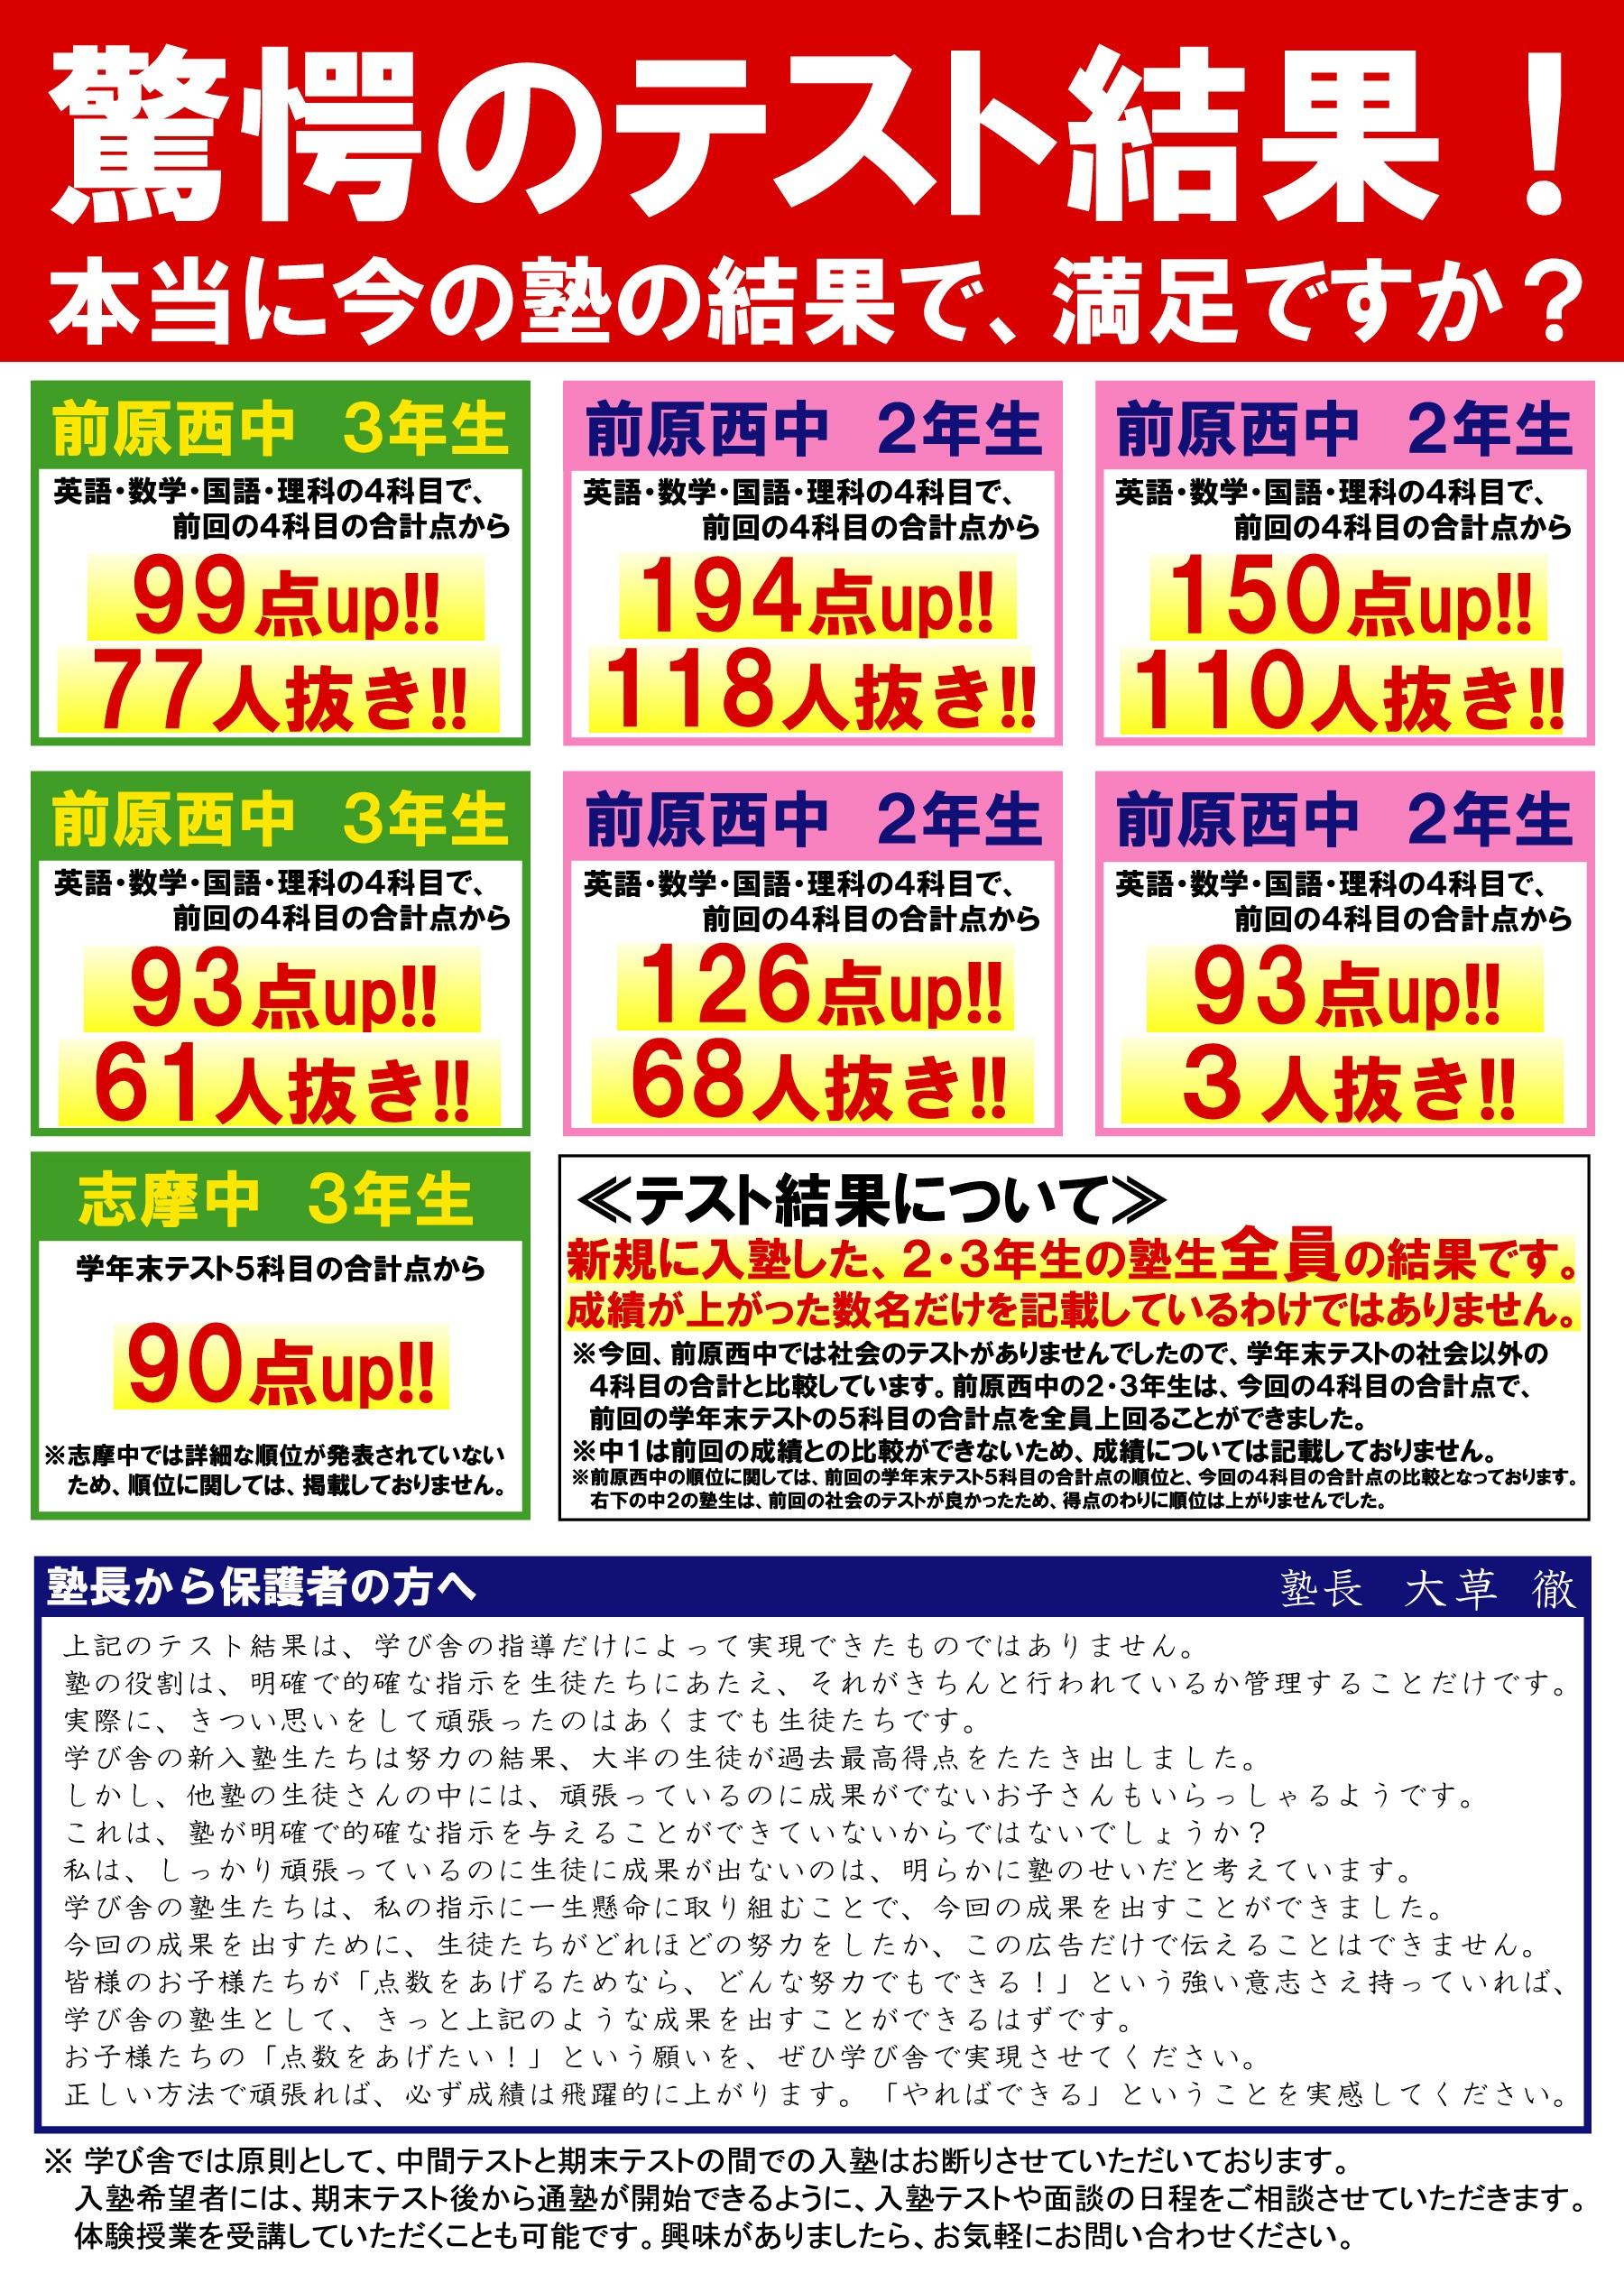 定期テスト結果広告2.ai